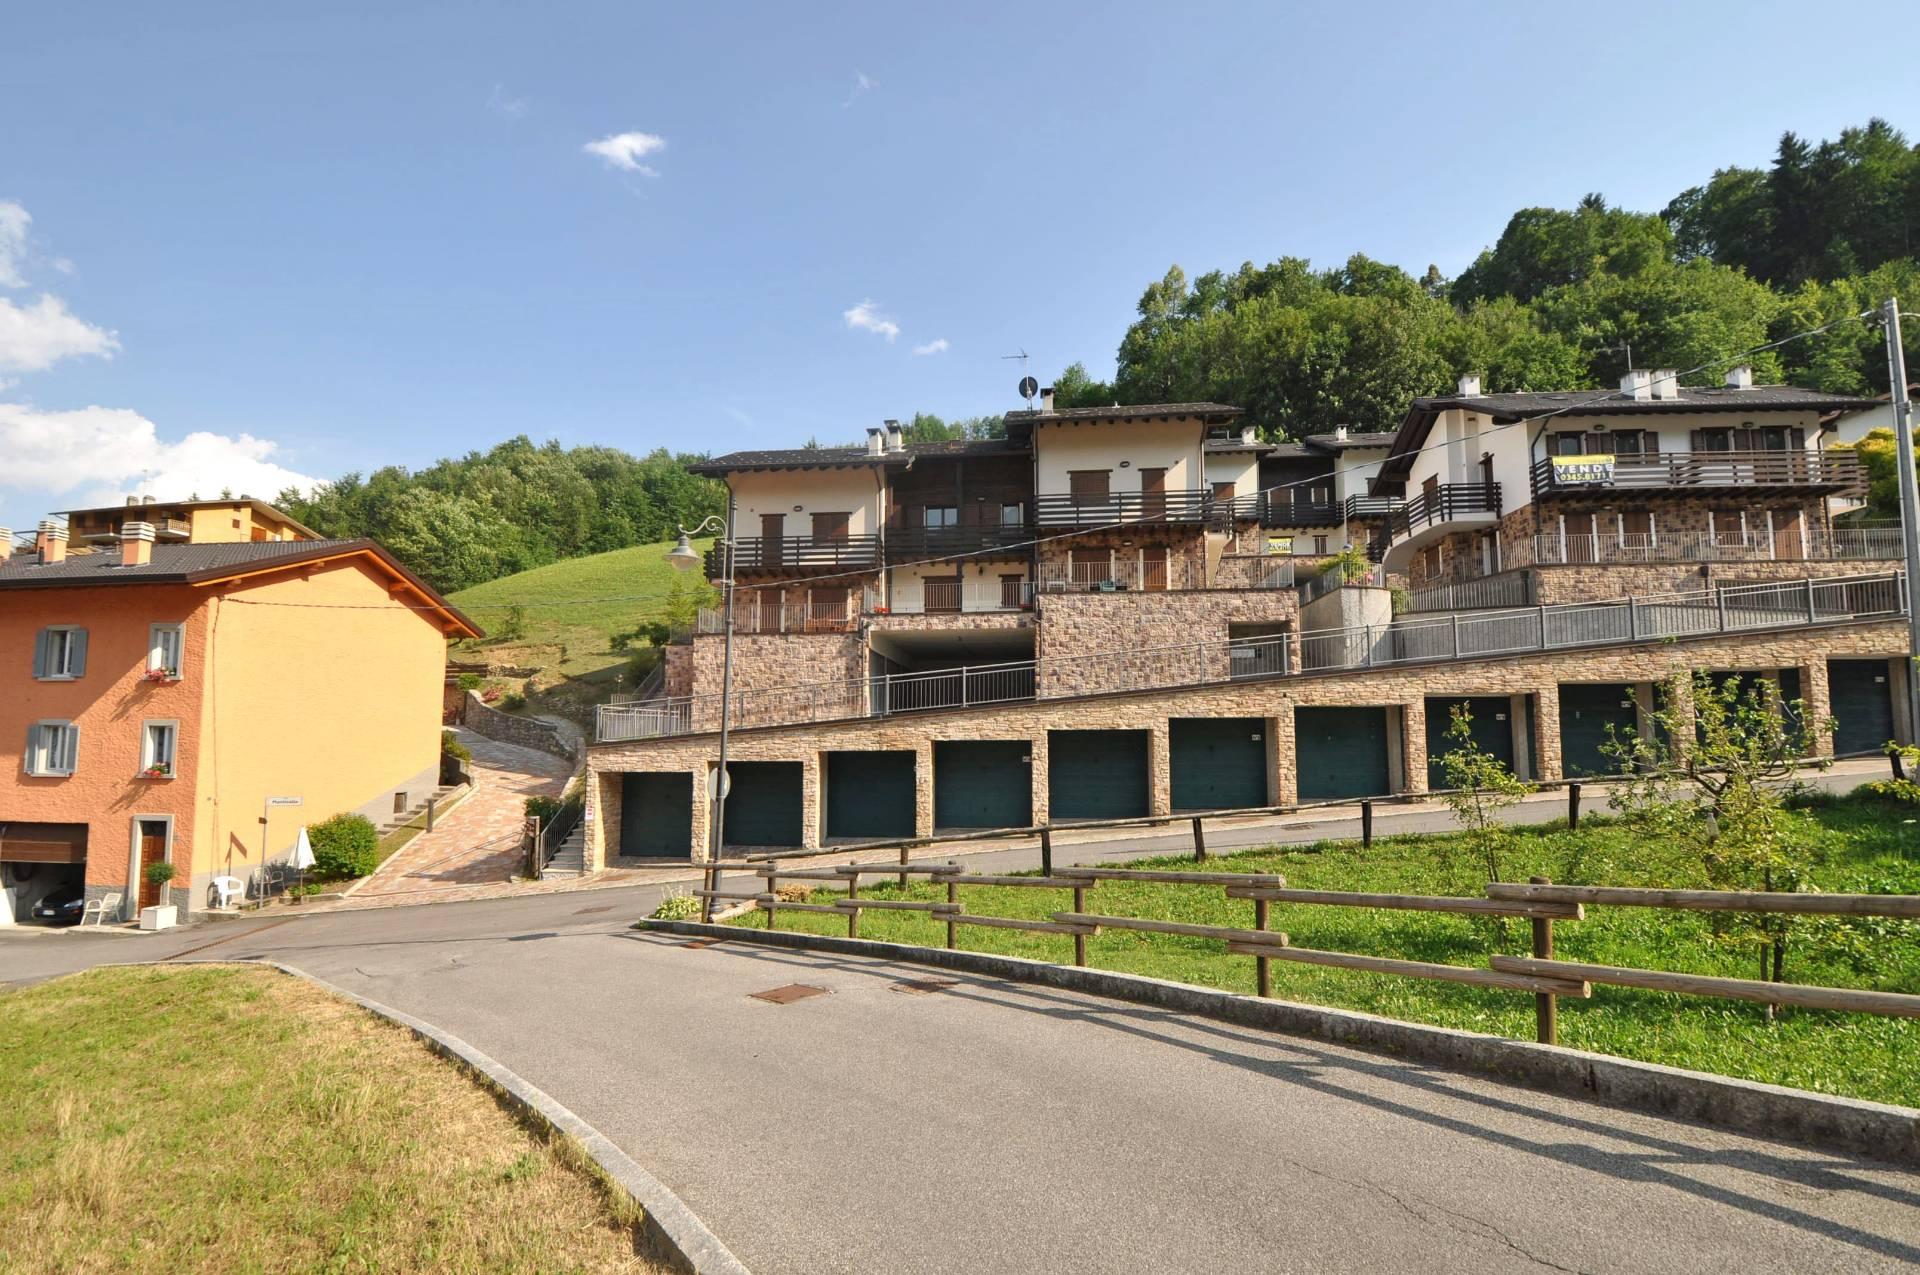 Villa in vendita a Santa Brigida, 2 locali, zona Località: ViaMonticello, prezzo € 64.500 | Cambio Casa.it